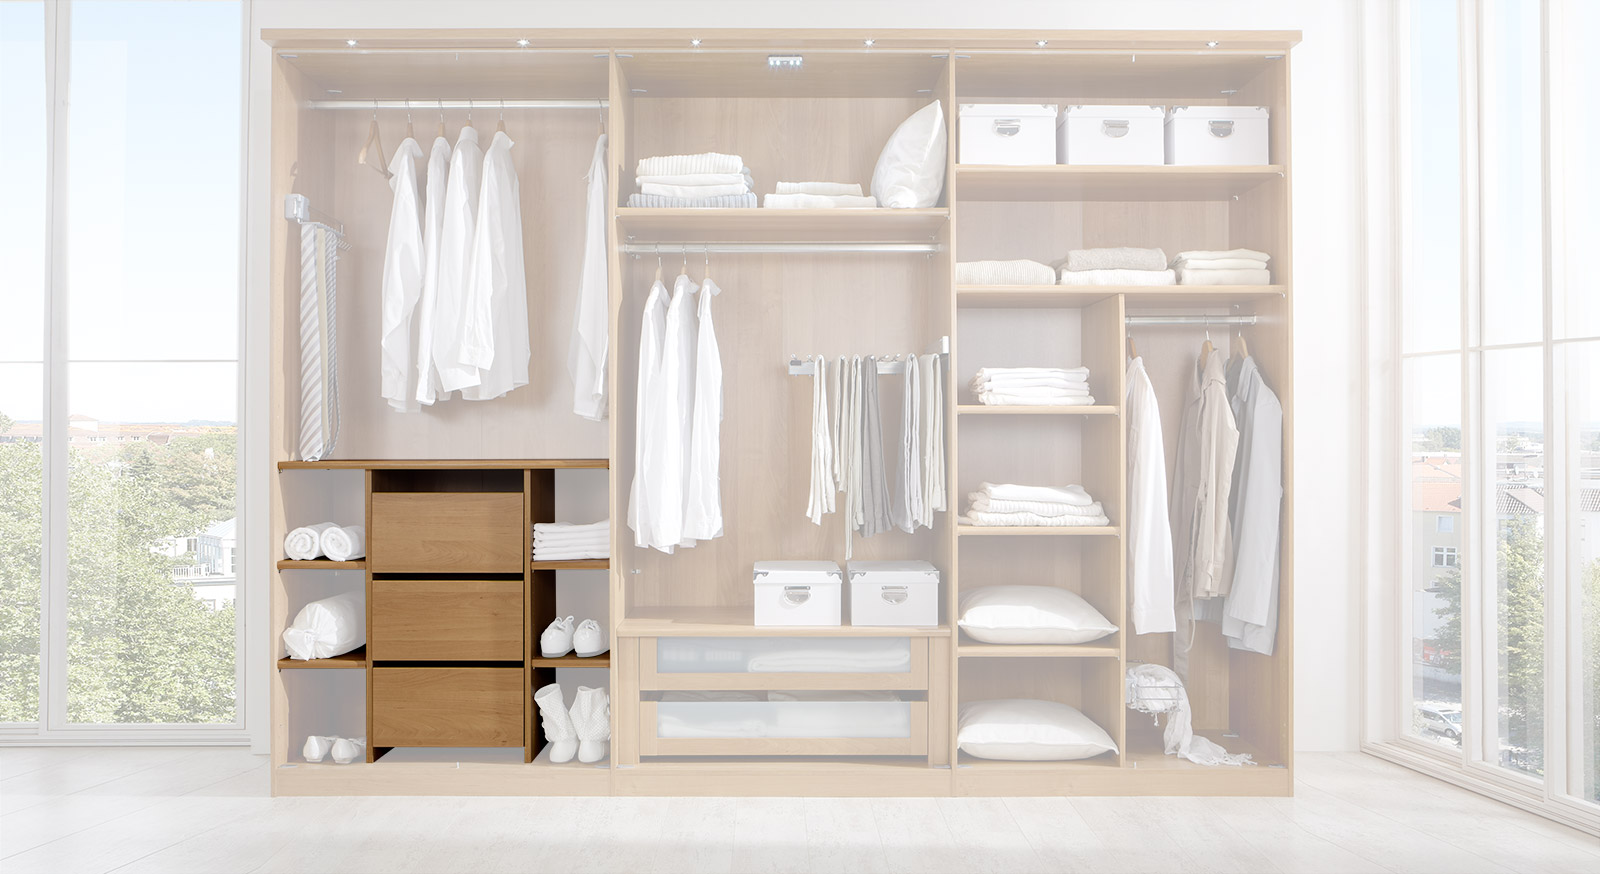 Fächereinsatz der Innenausstattung für Kleiderschränke mit Schubladen